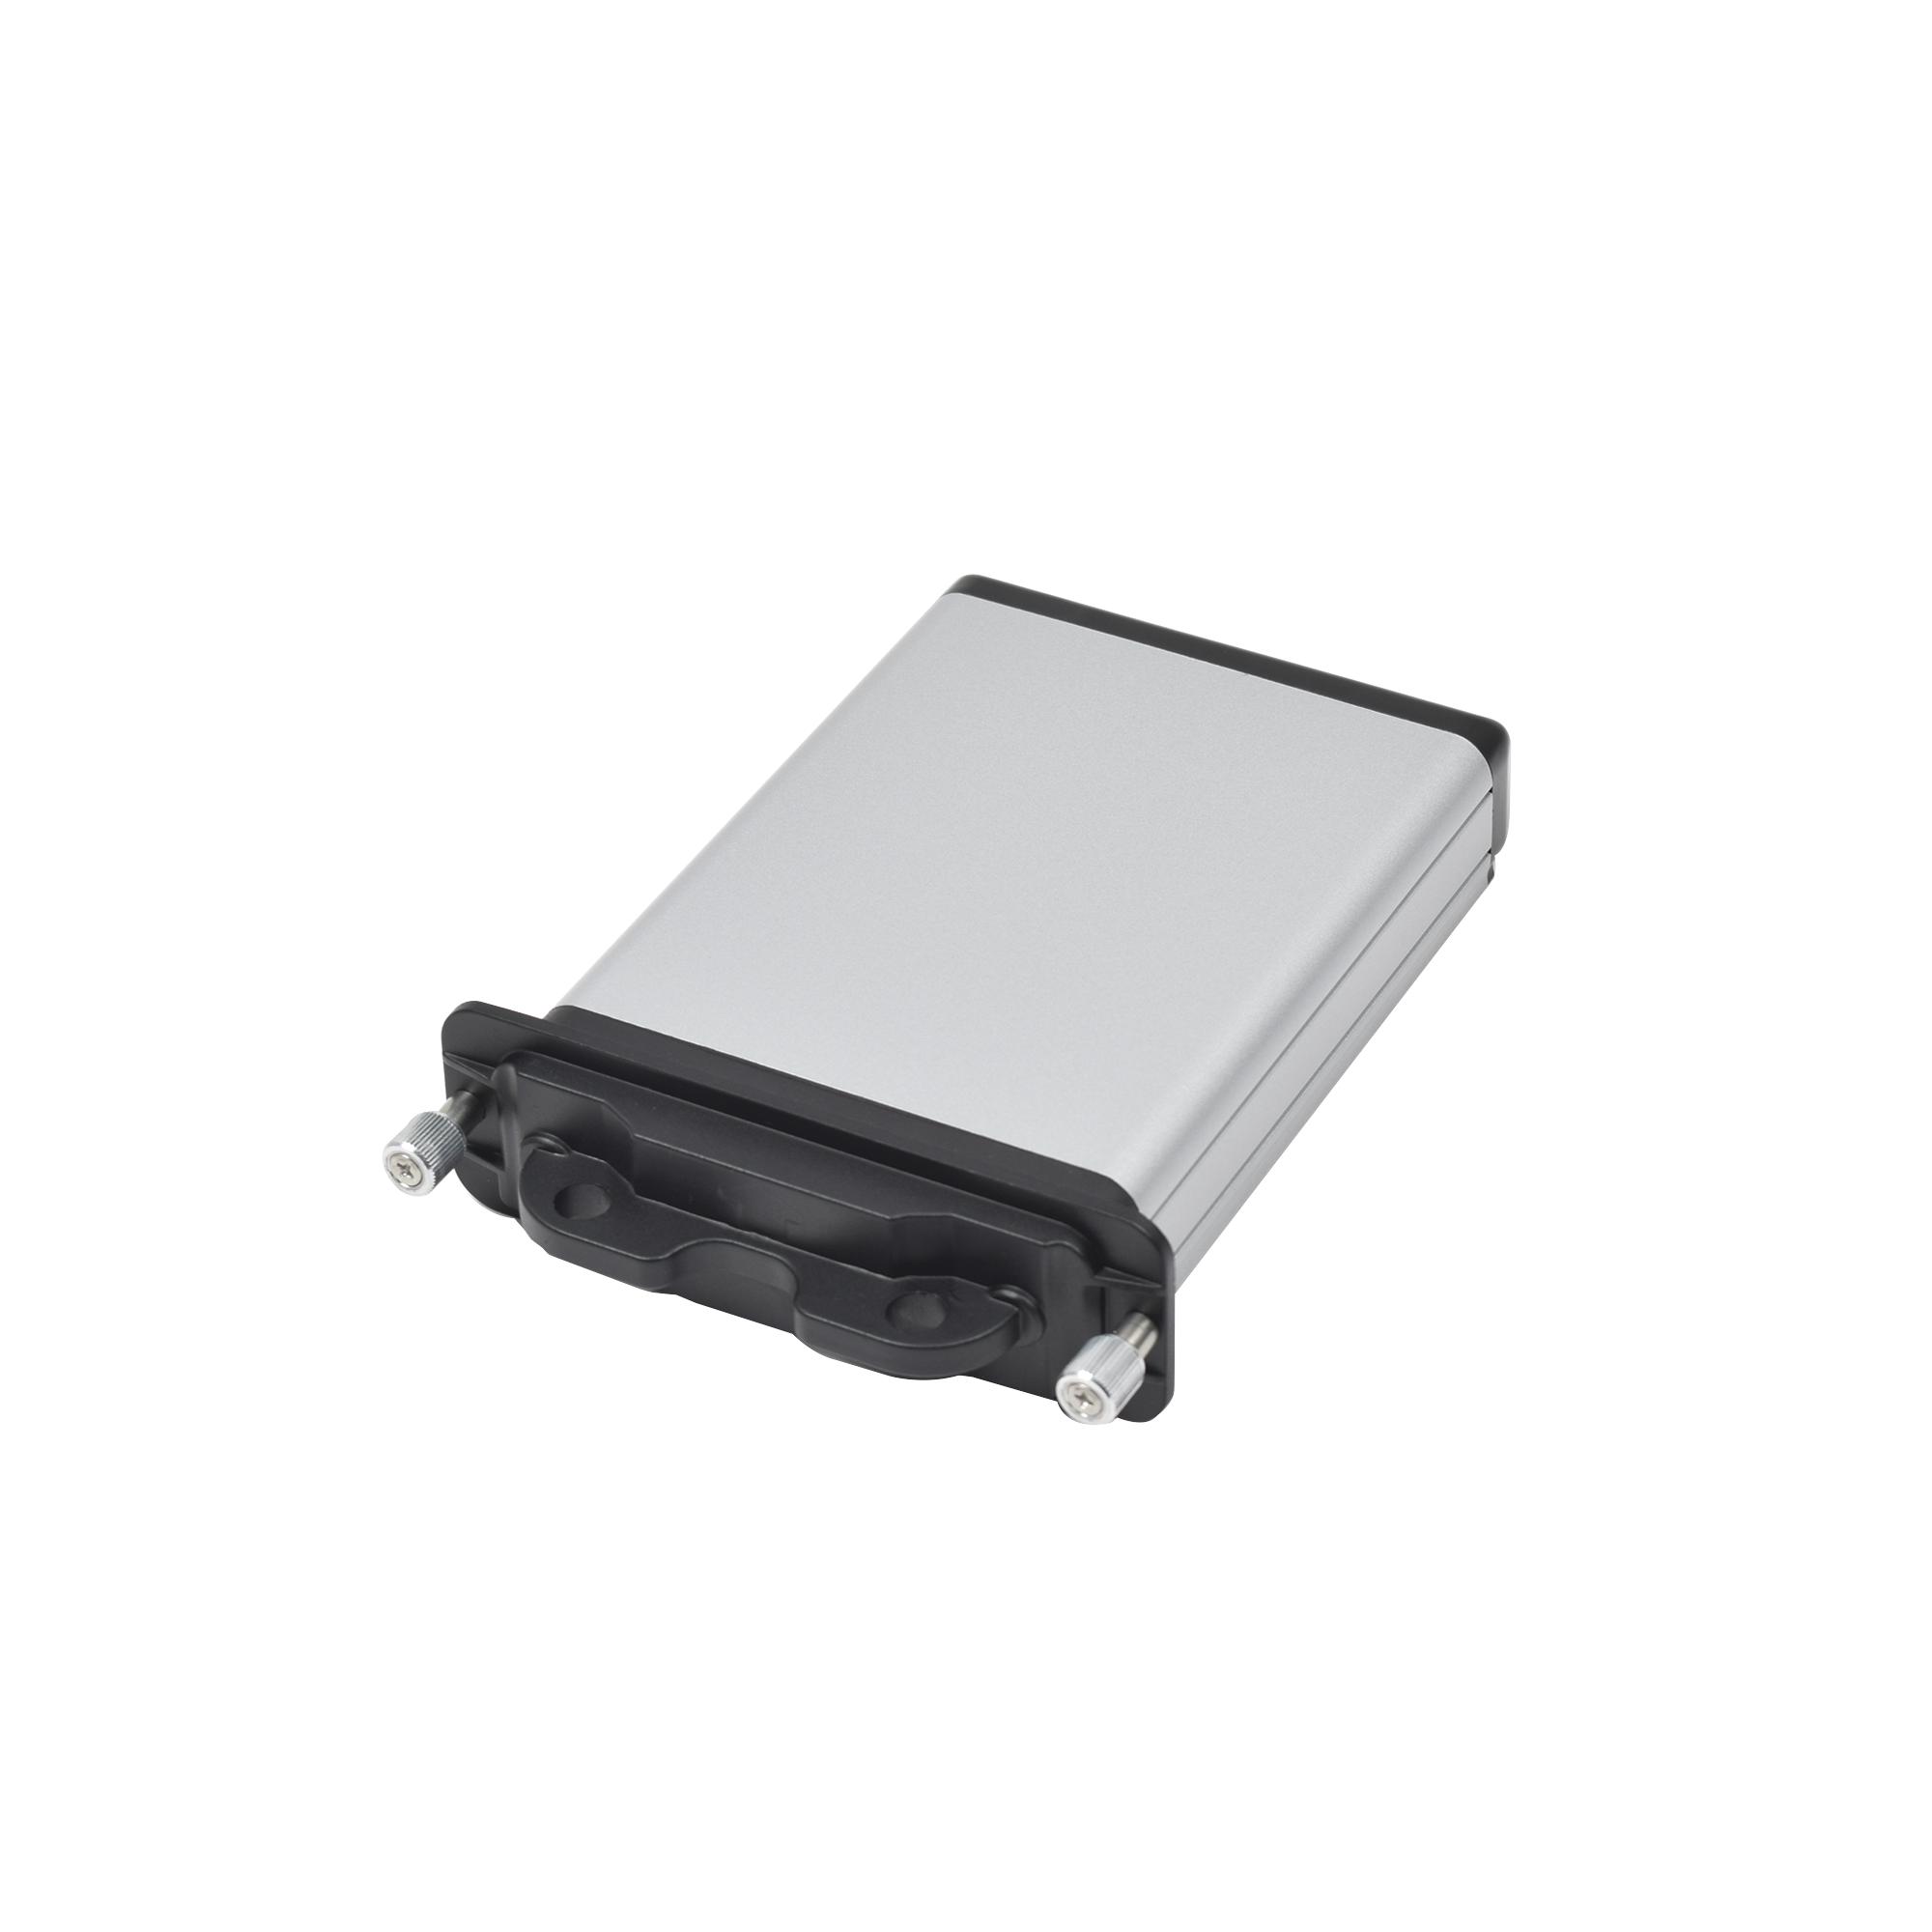 Contenedor de disco duro para DVR movil Hikvision